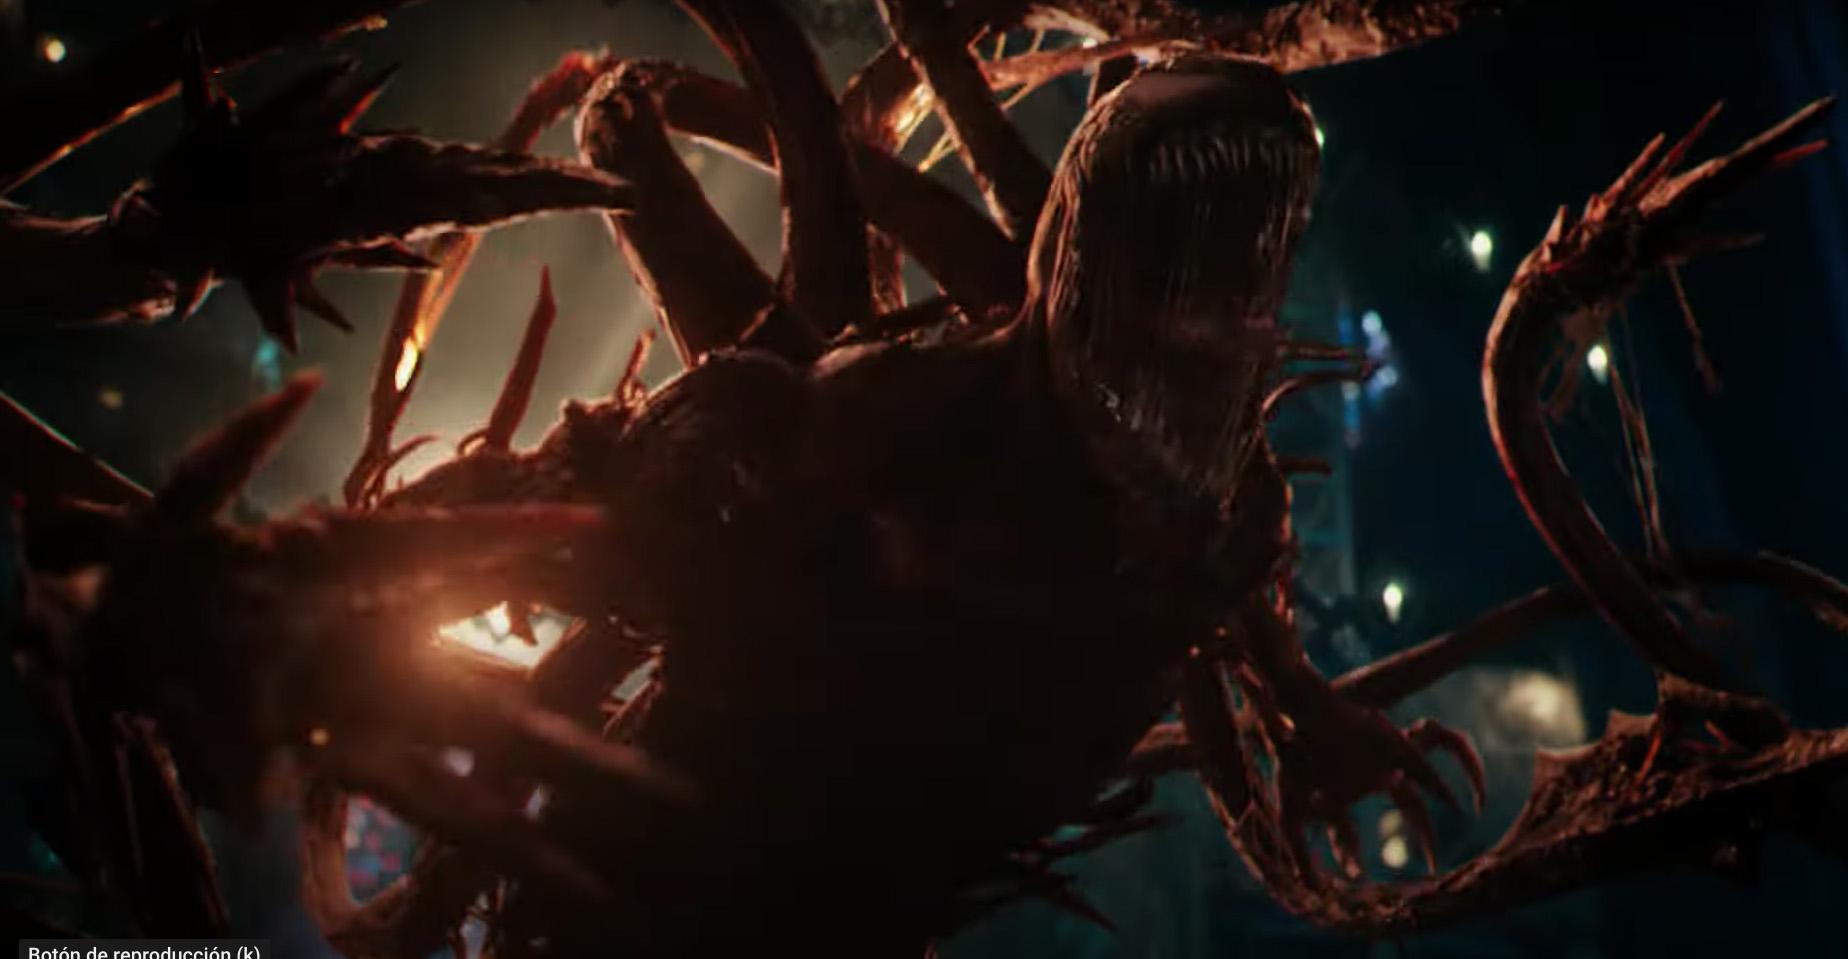 ¡Checa el espectacular tráiler oficial de 'Venom: Let There Be Carnage'!